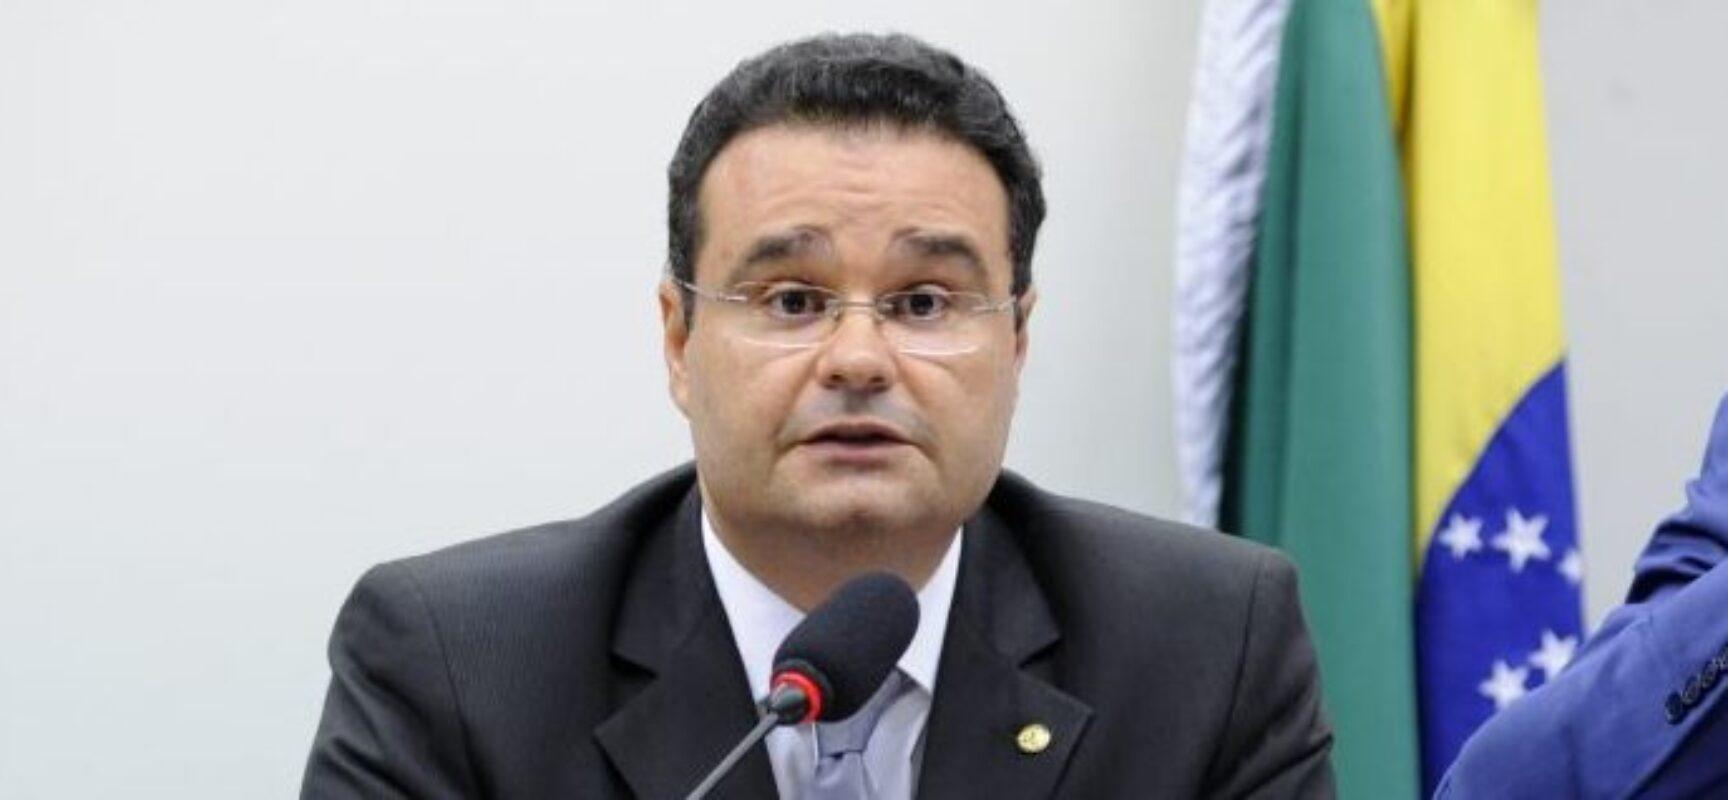 Comissão aprova proposta que transfere de 2022 para 2032 a revisão da Lei de Cotas